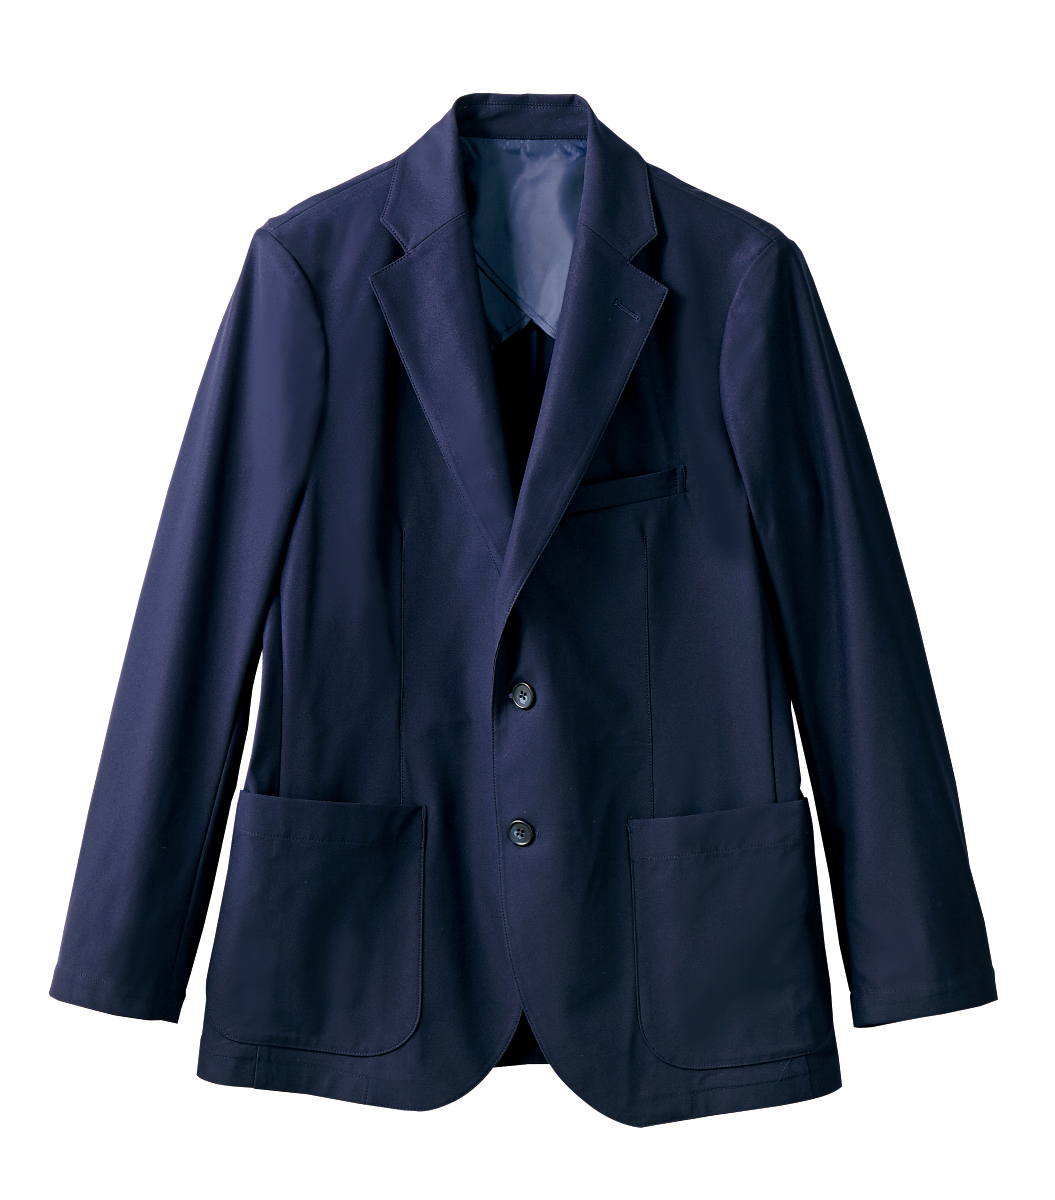 【モンブラン】31-5009【介護 上衣 ジャケット(メンズ) 男性用】